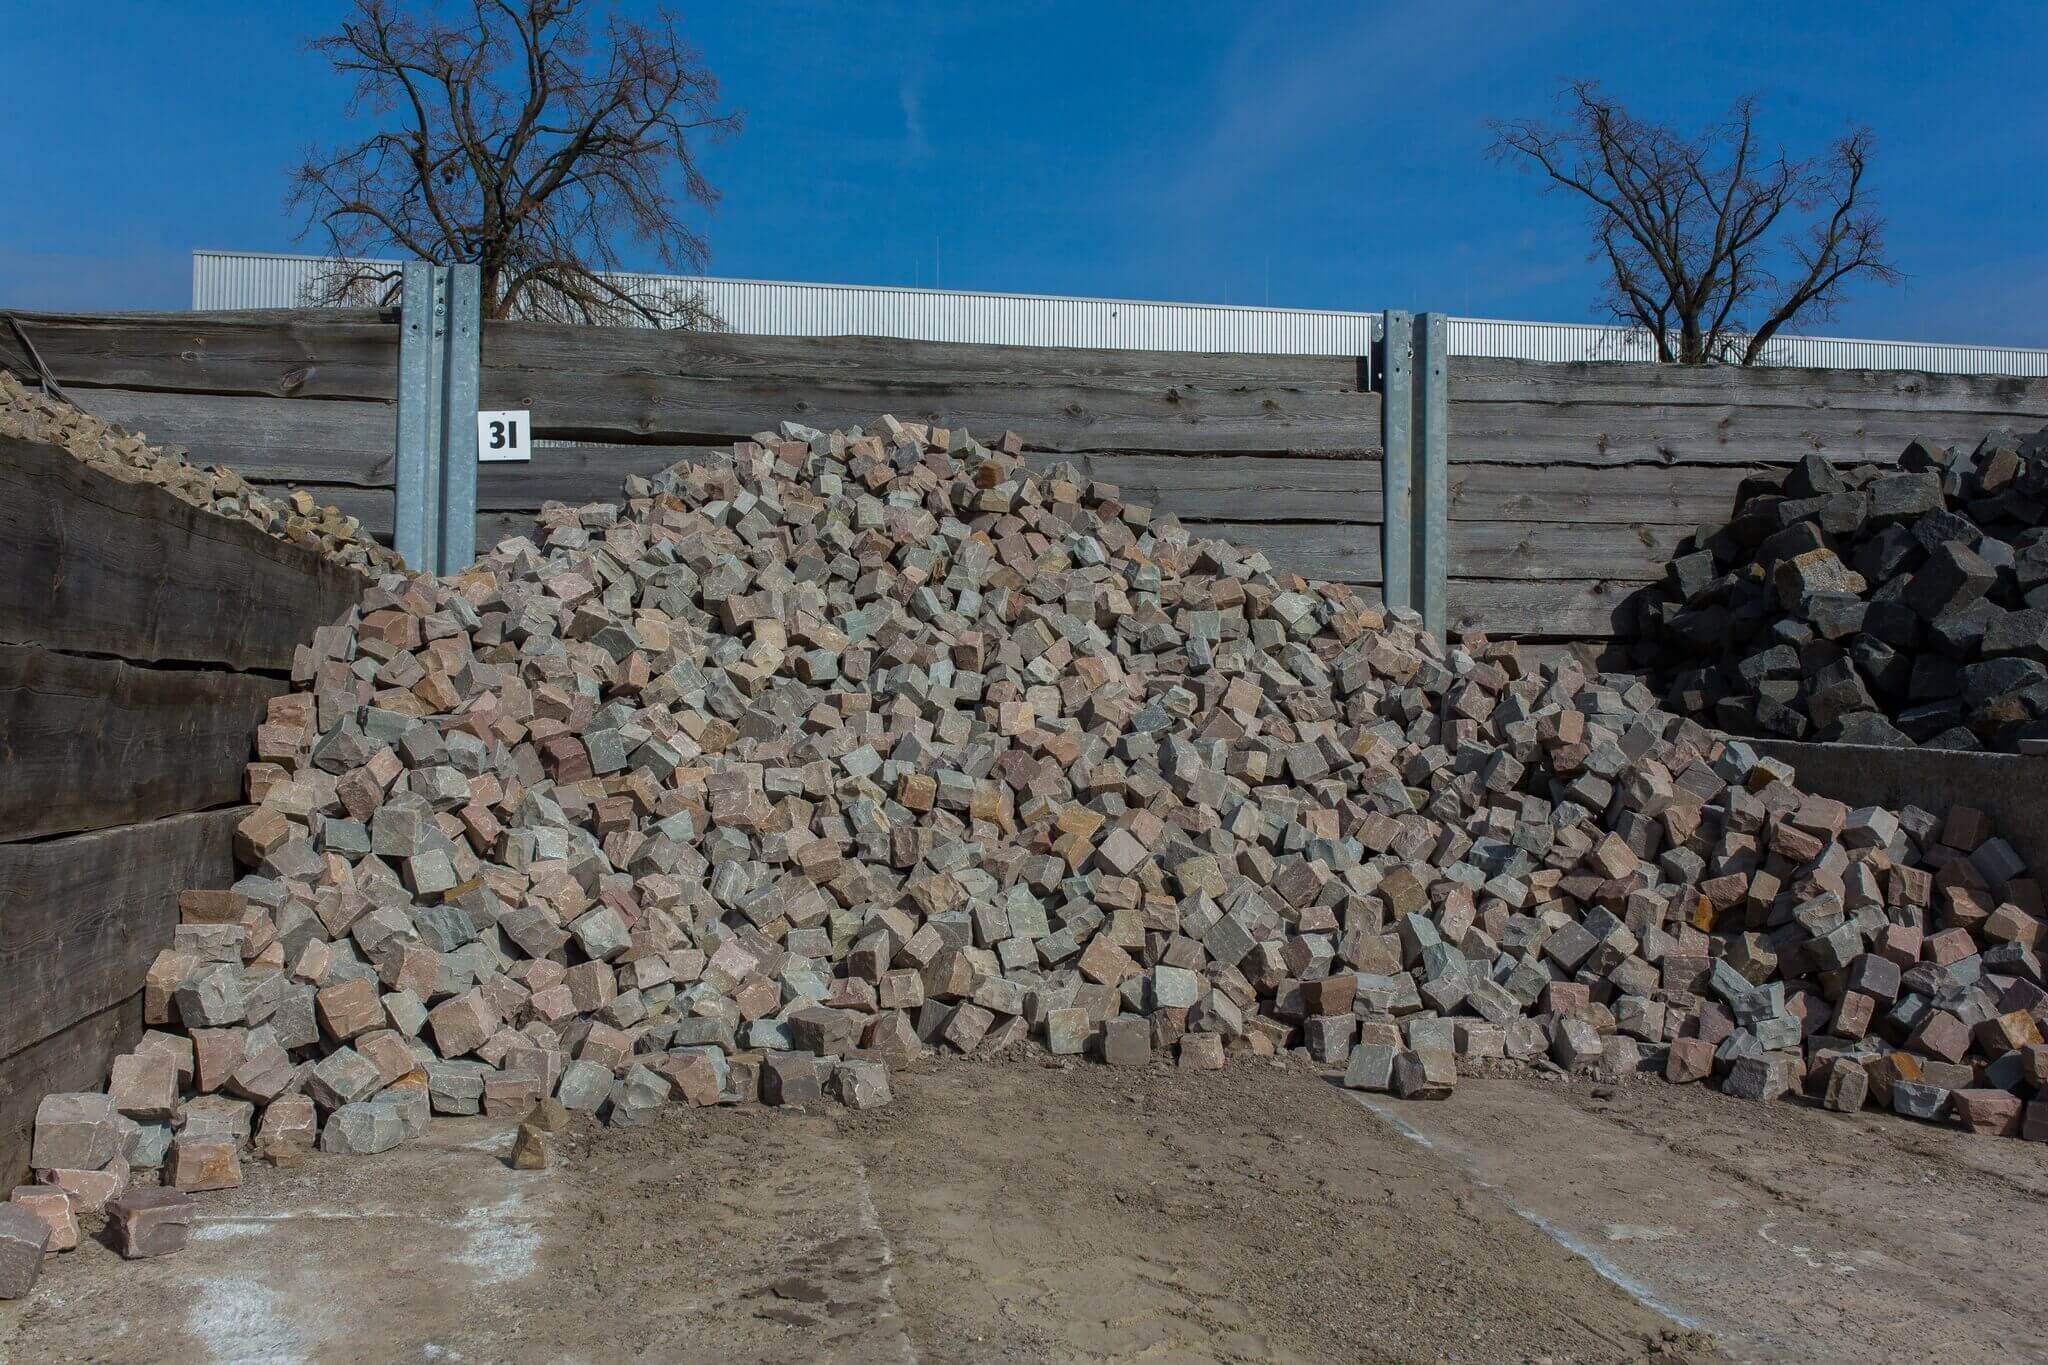 Sandstein Kleinpflaster 10x10x6-8 cm Box 31 bunt 1